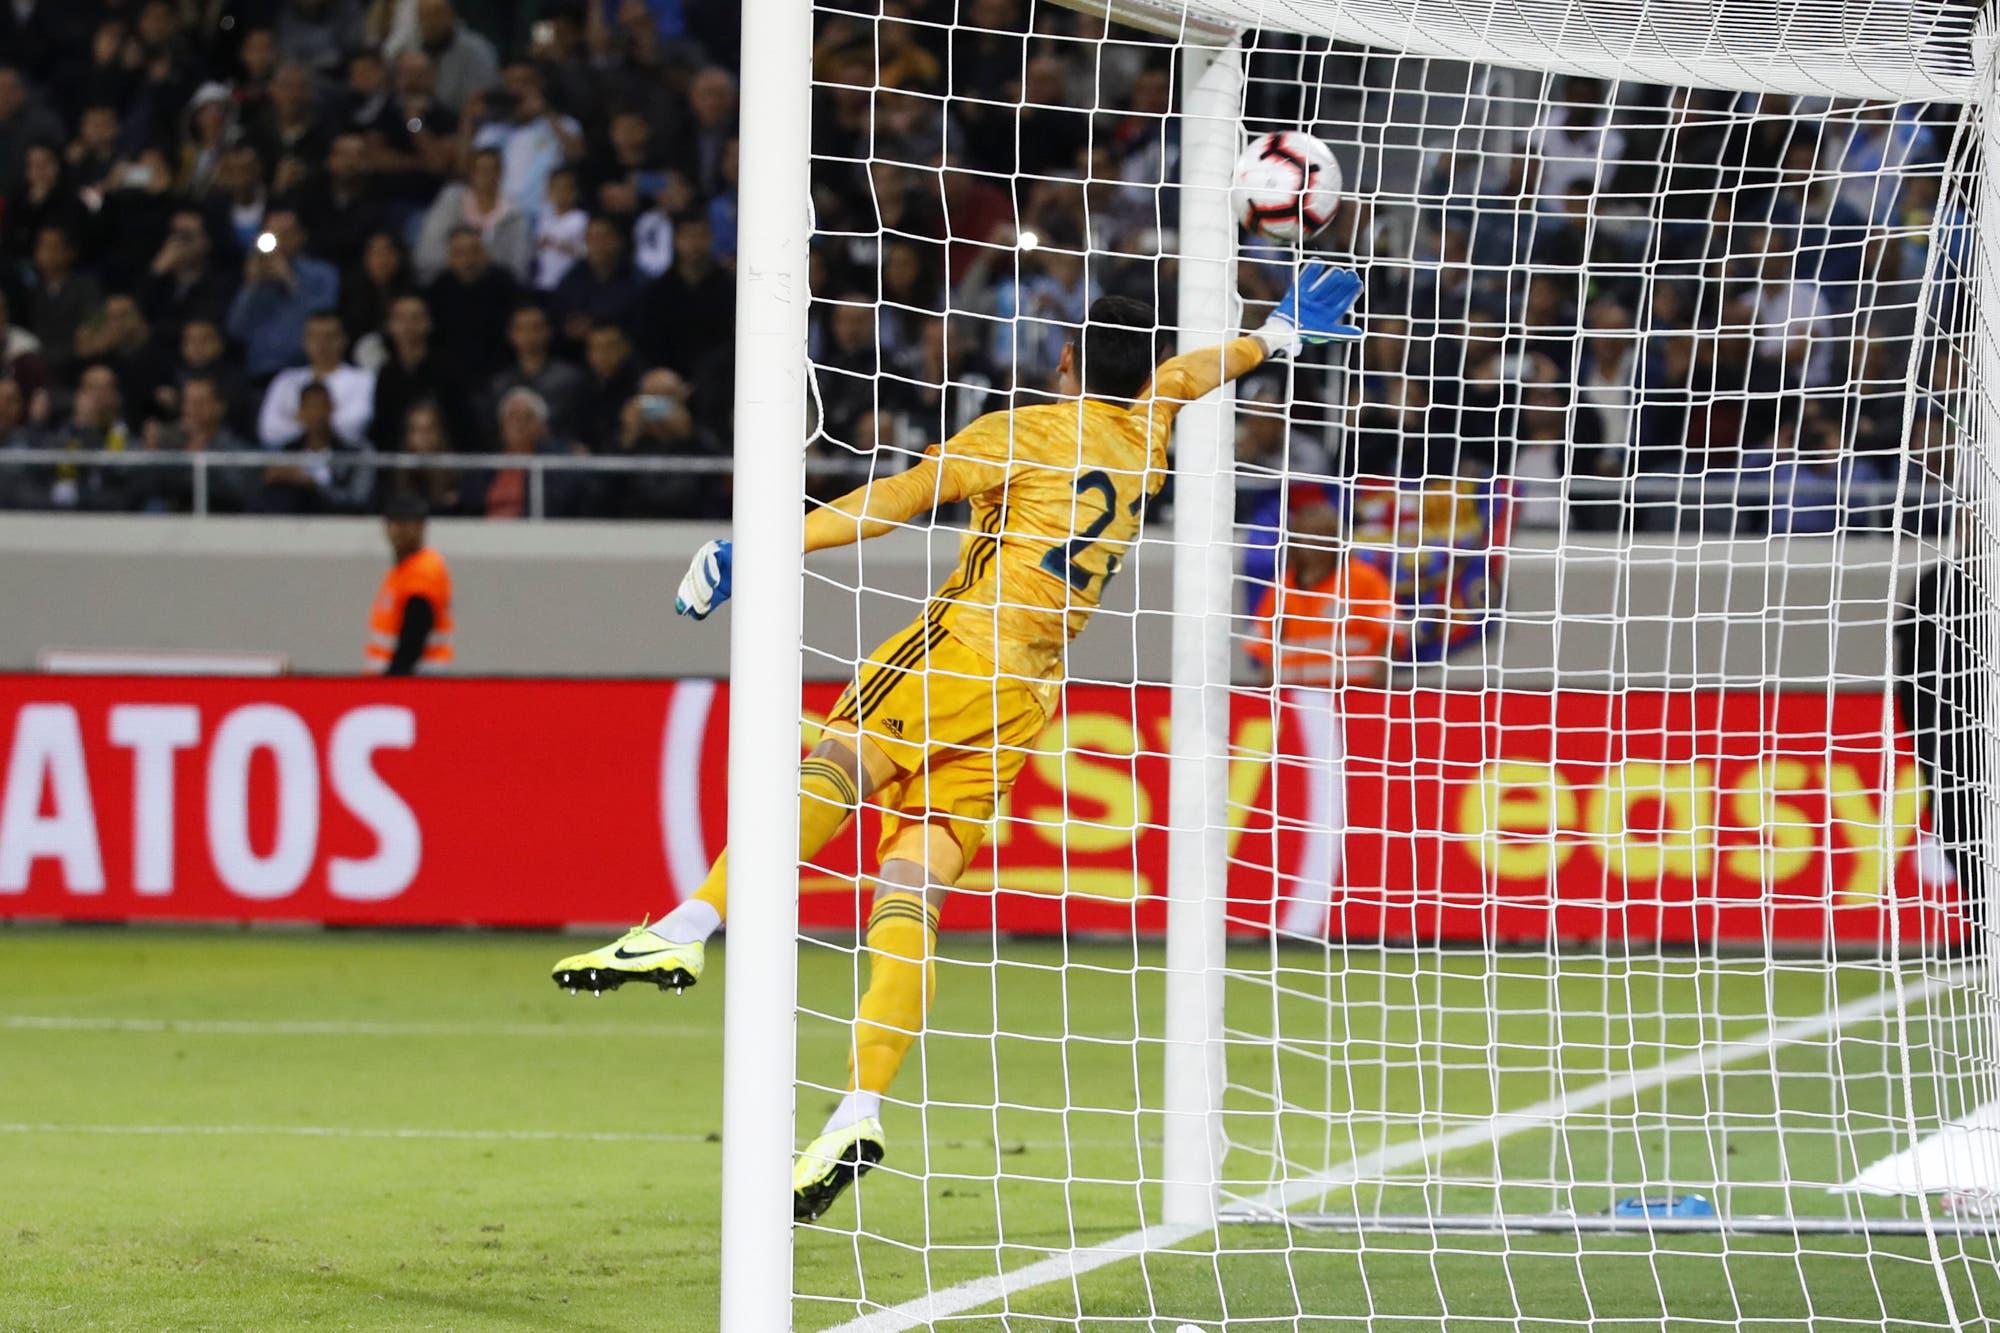 Selección argentina: Esteban Andrada debía subir un escalón, pero retrocedió dos pasos